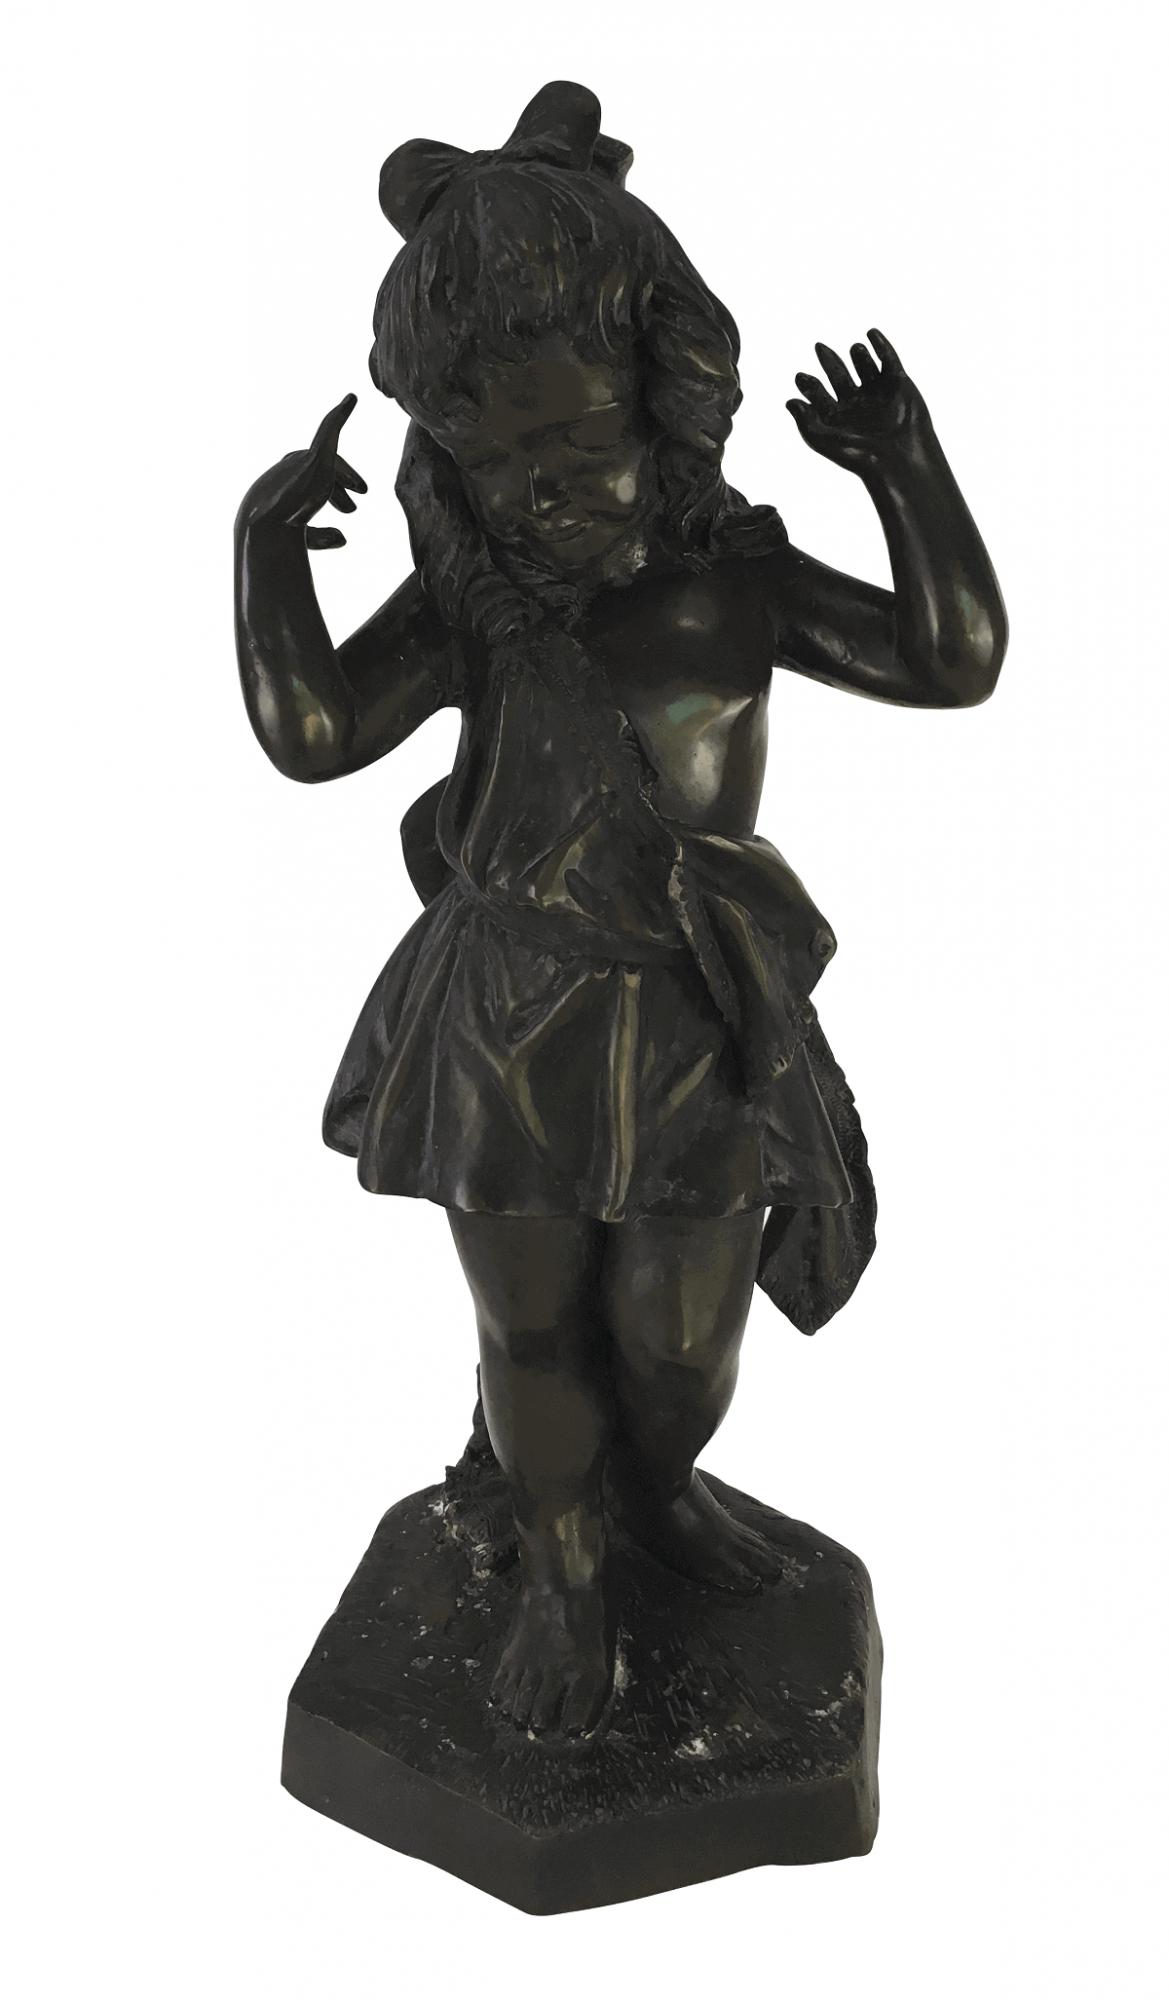 Magnifica Escultura Bronze Francesa Moreau 75cm